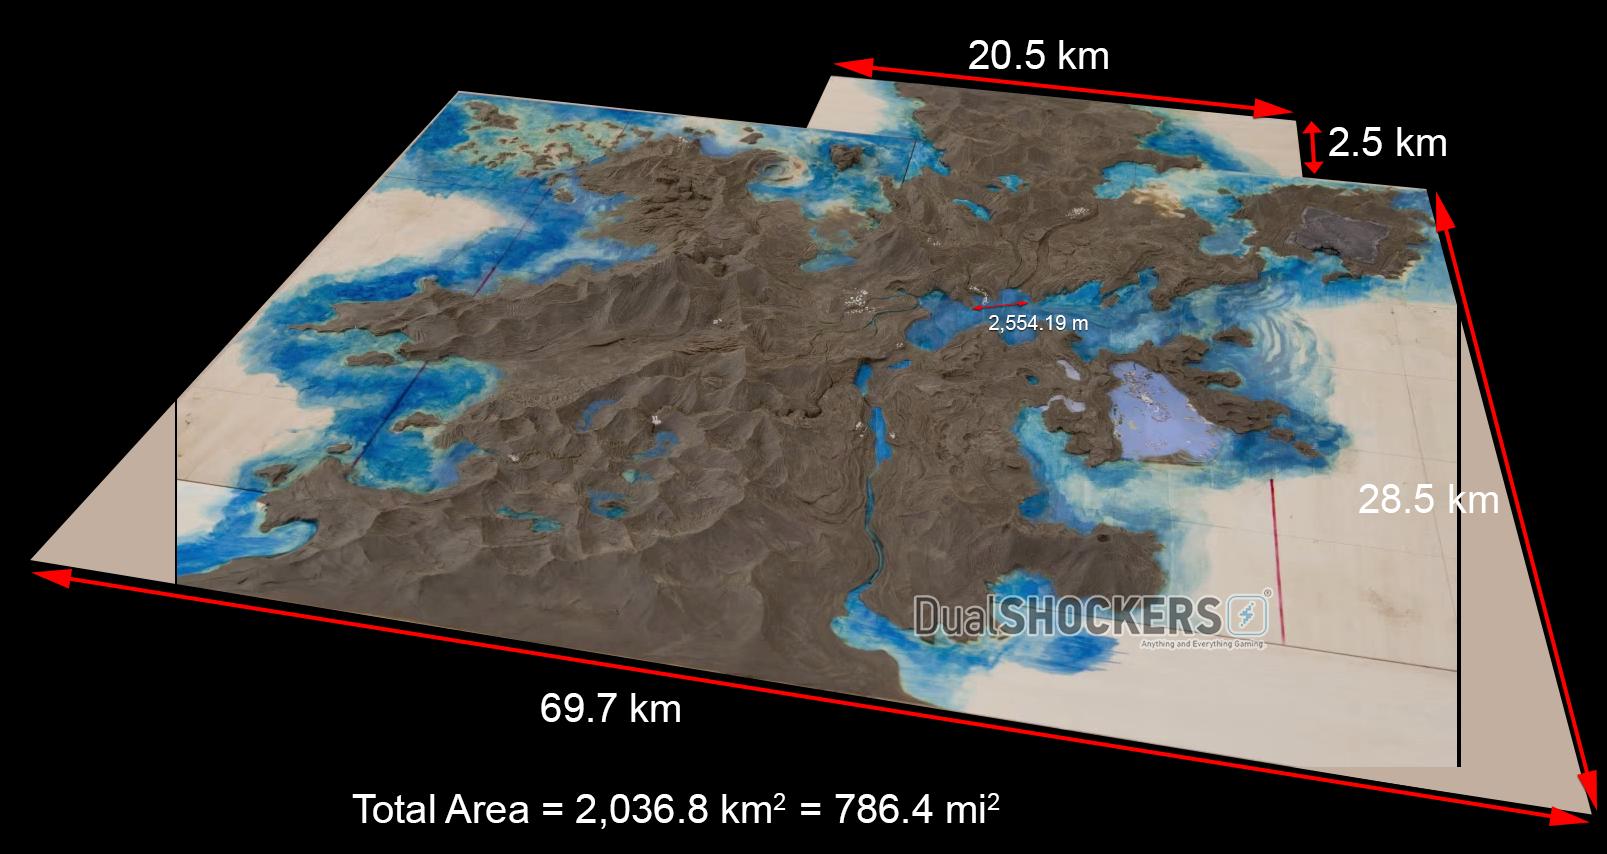 mnEzo0W9Gw3sW - ゼルダってマップの密度は洋ゲーに比べてどうなの?